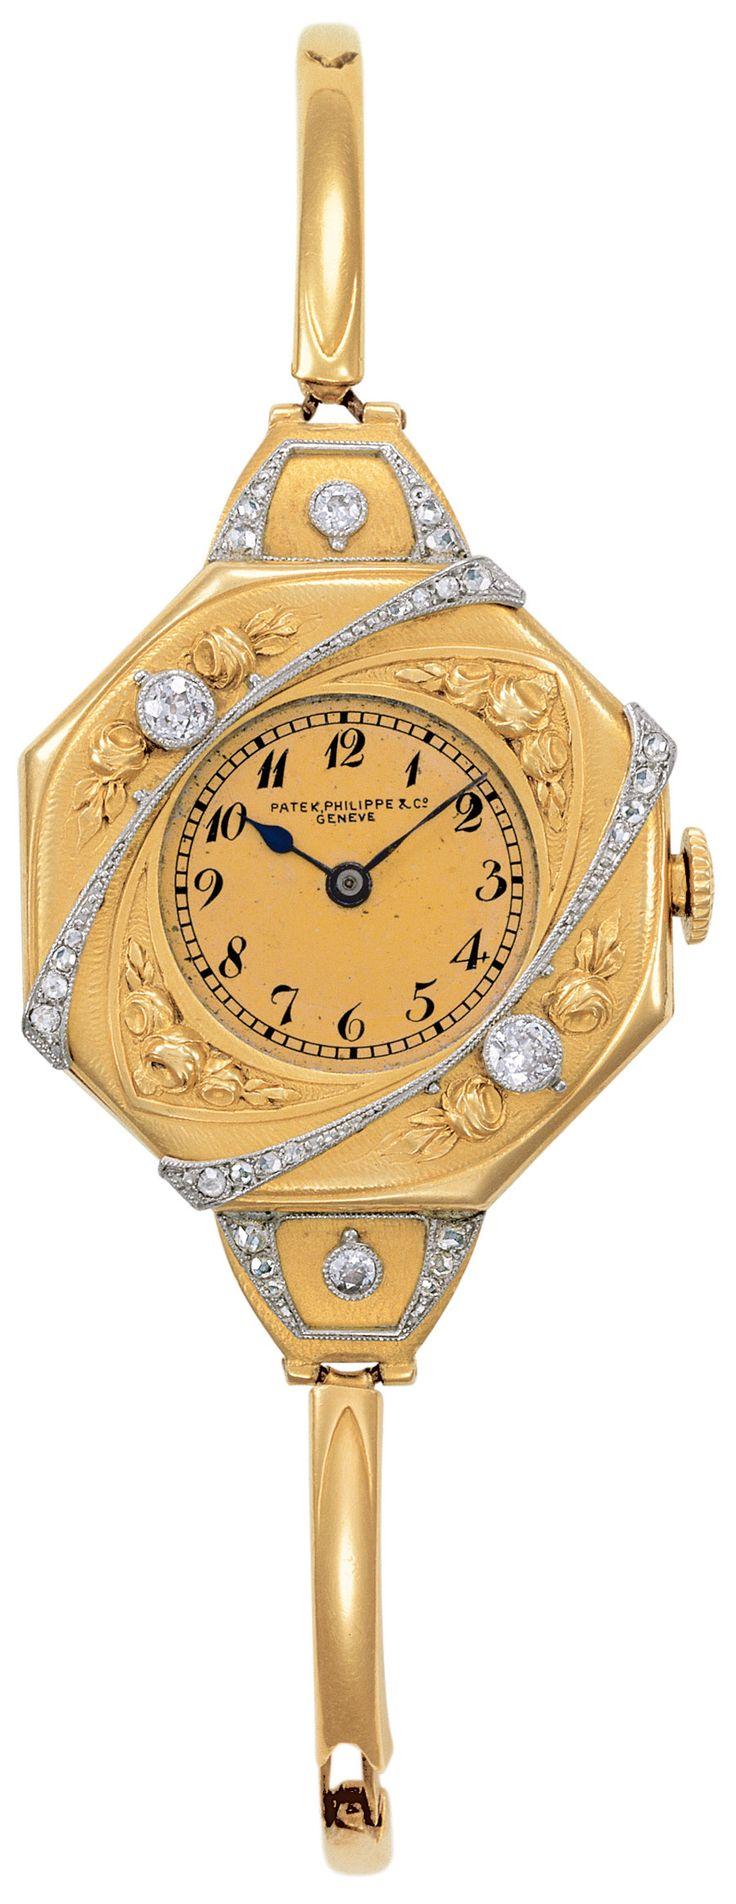 Reloj Pateck Philip, C.1911 - Reloj joya de señora con pulsera.